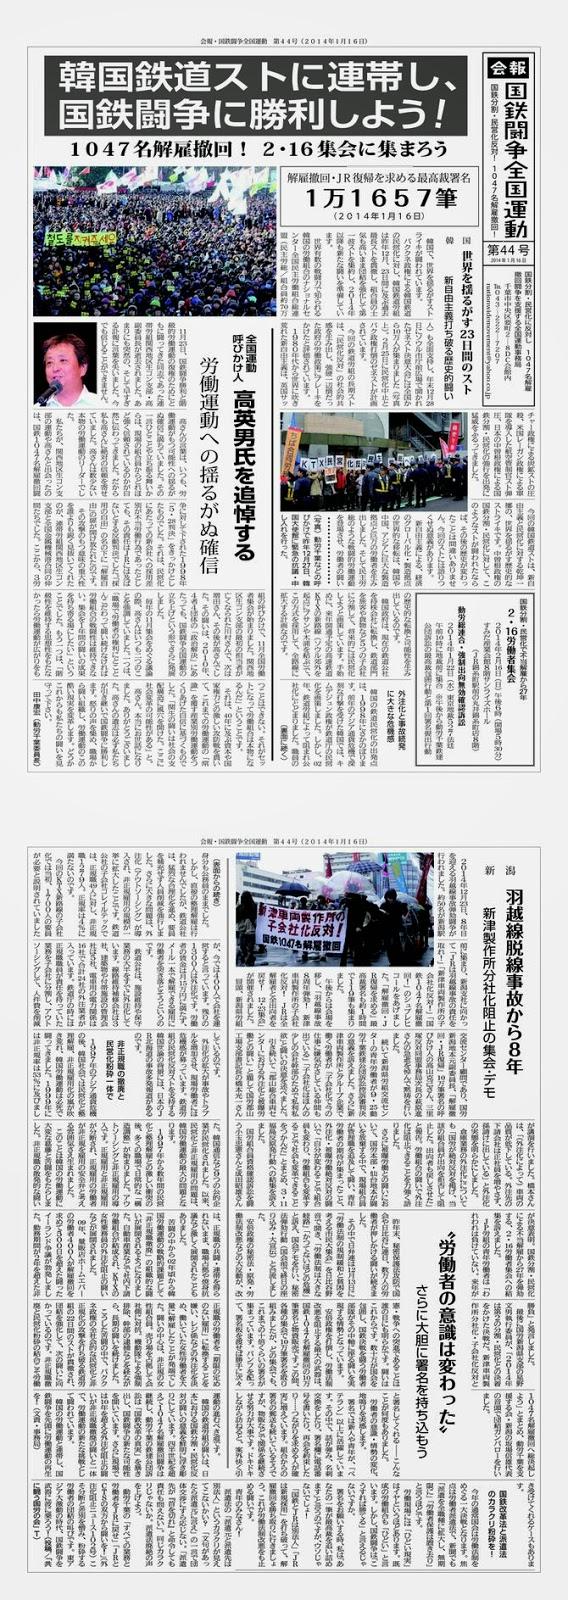 http://www.doro-chiba.org/z-undou/pdf/news_44.pdf